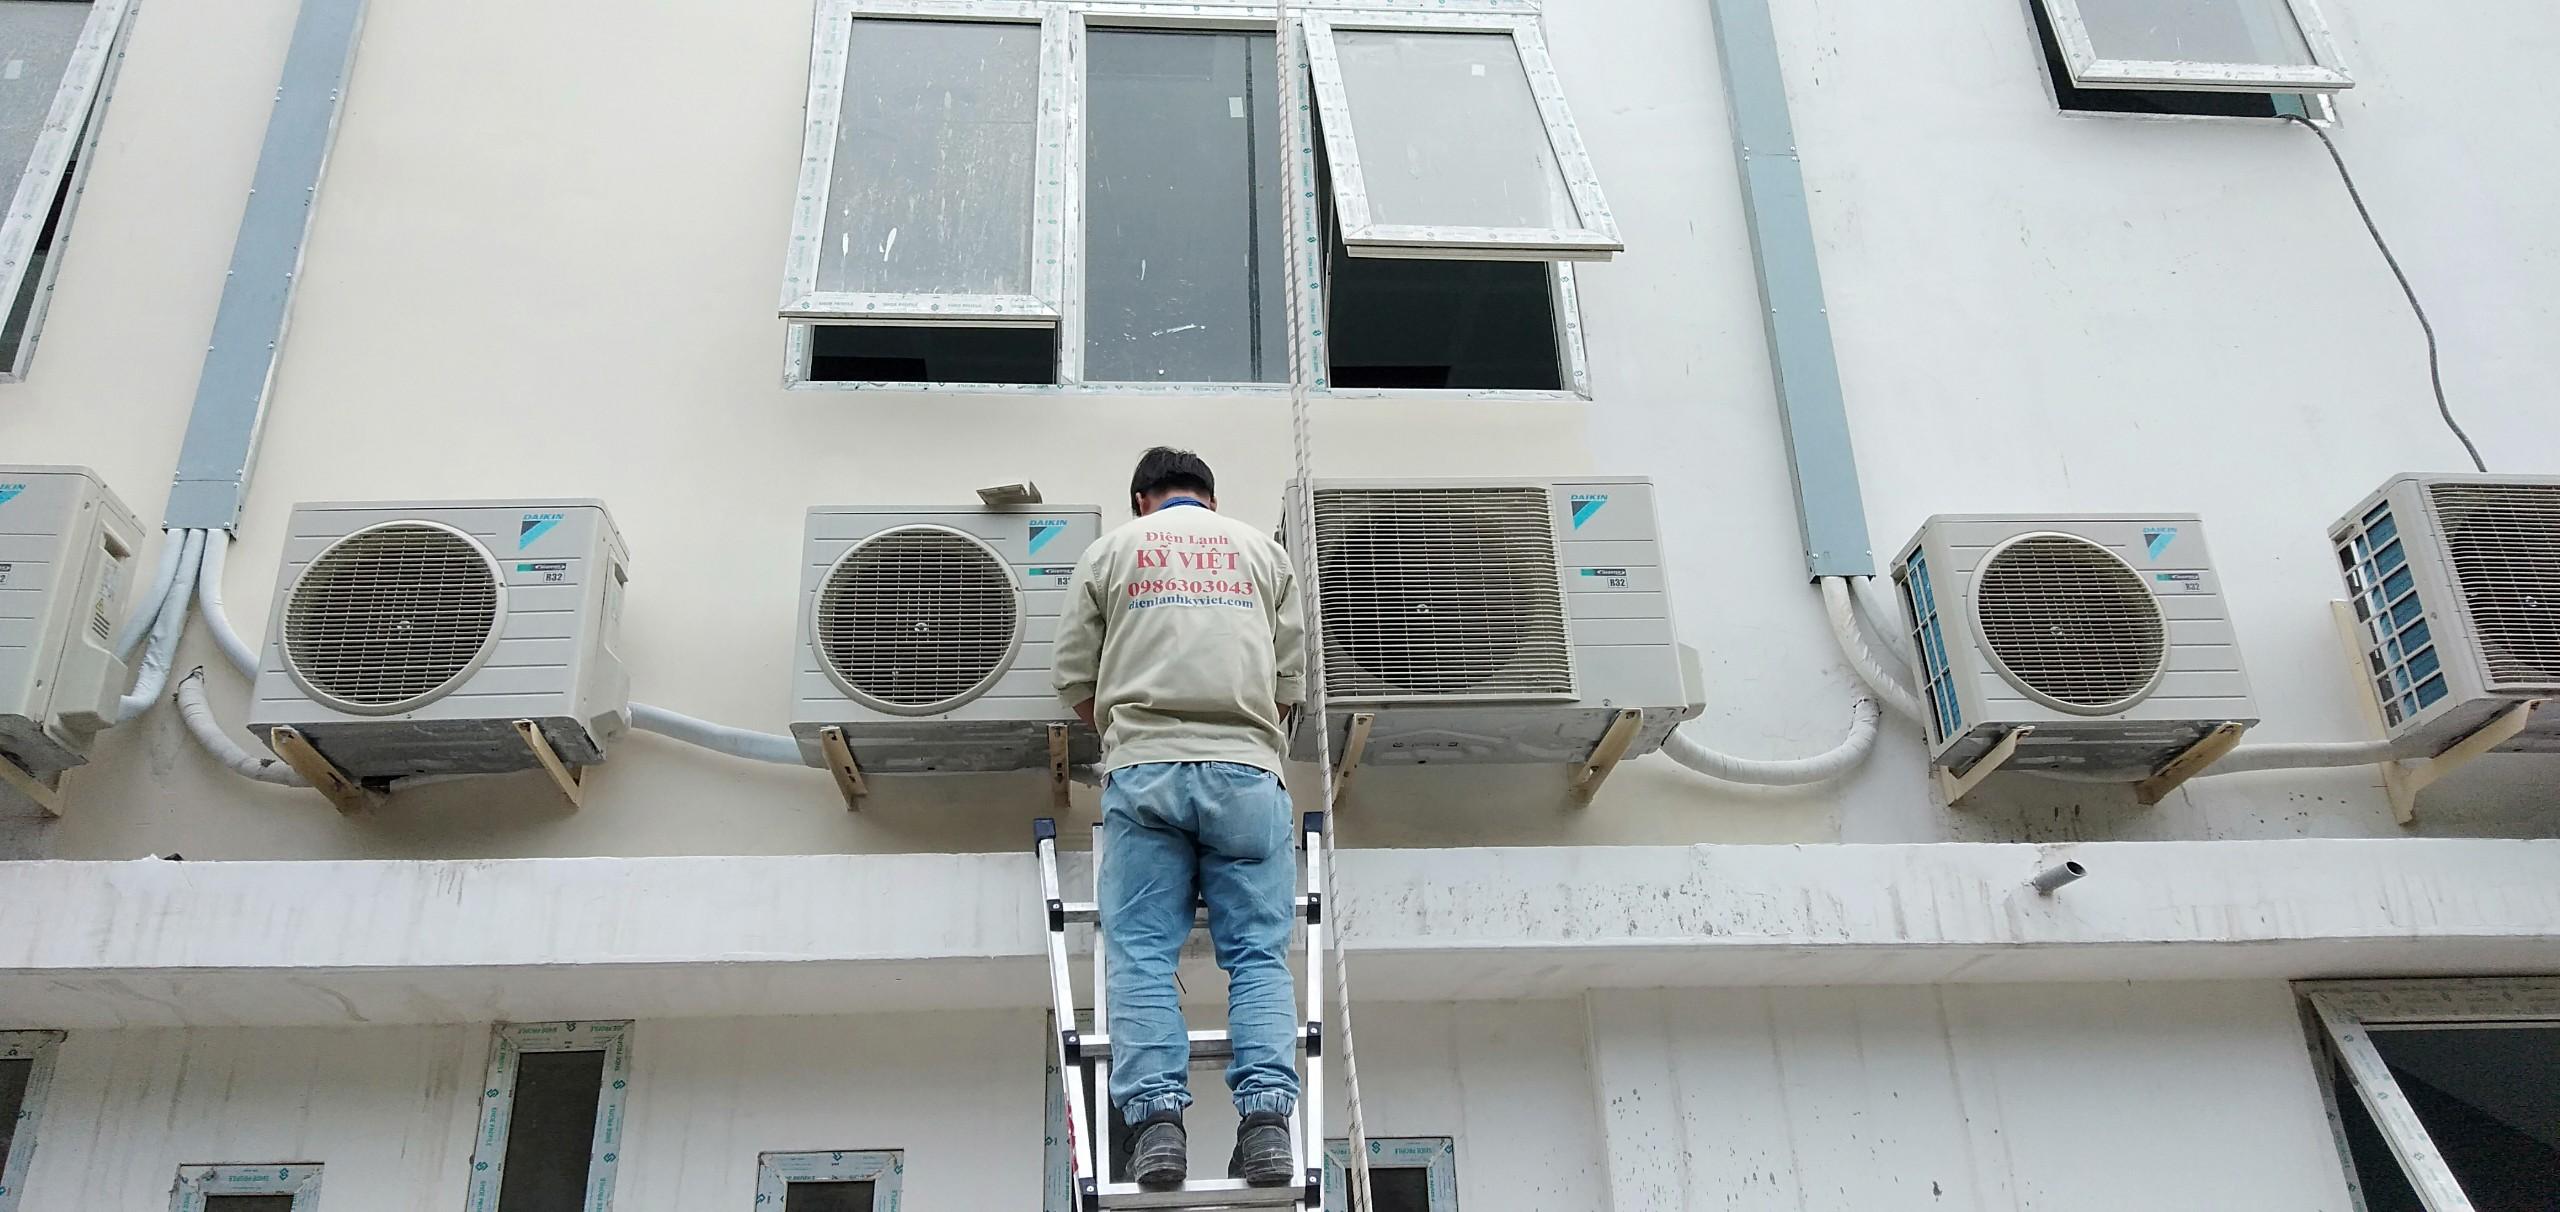 Yêu cầu cần thiết khi lắp đặt máy lạnh Lap-may-lanh-dien-lanh-ky-viet(5)